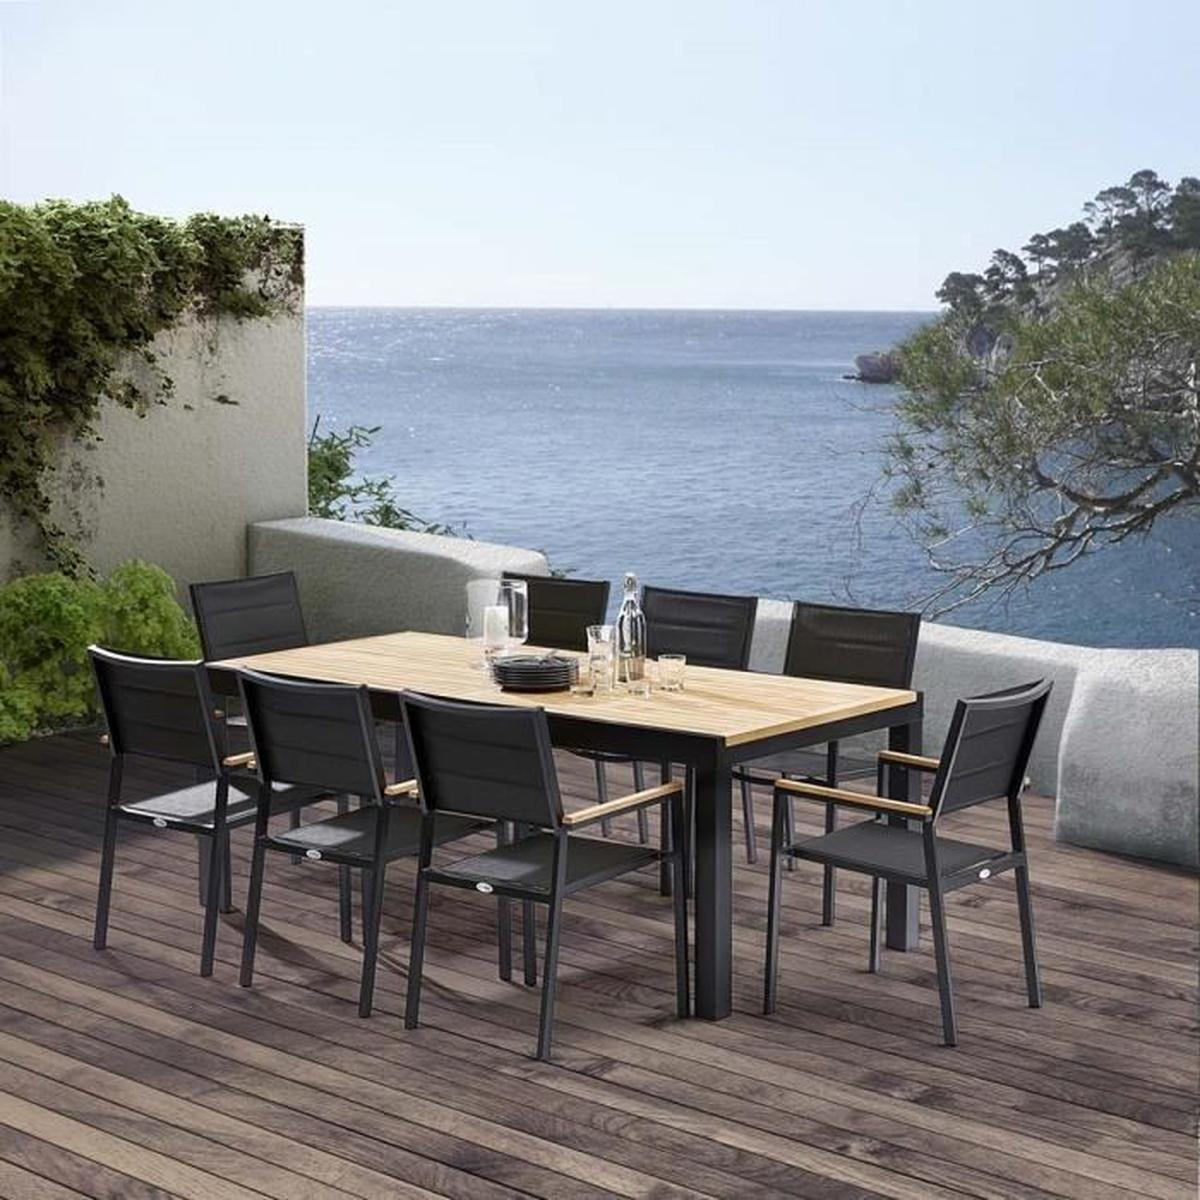 Table Et Chaises De Jardin Moderne Bali Noir - Achat / Vente ... dedans Table Et Chaise De Jardin En Solde